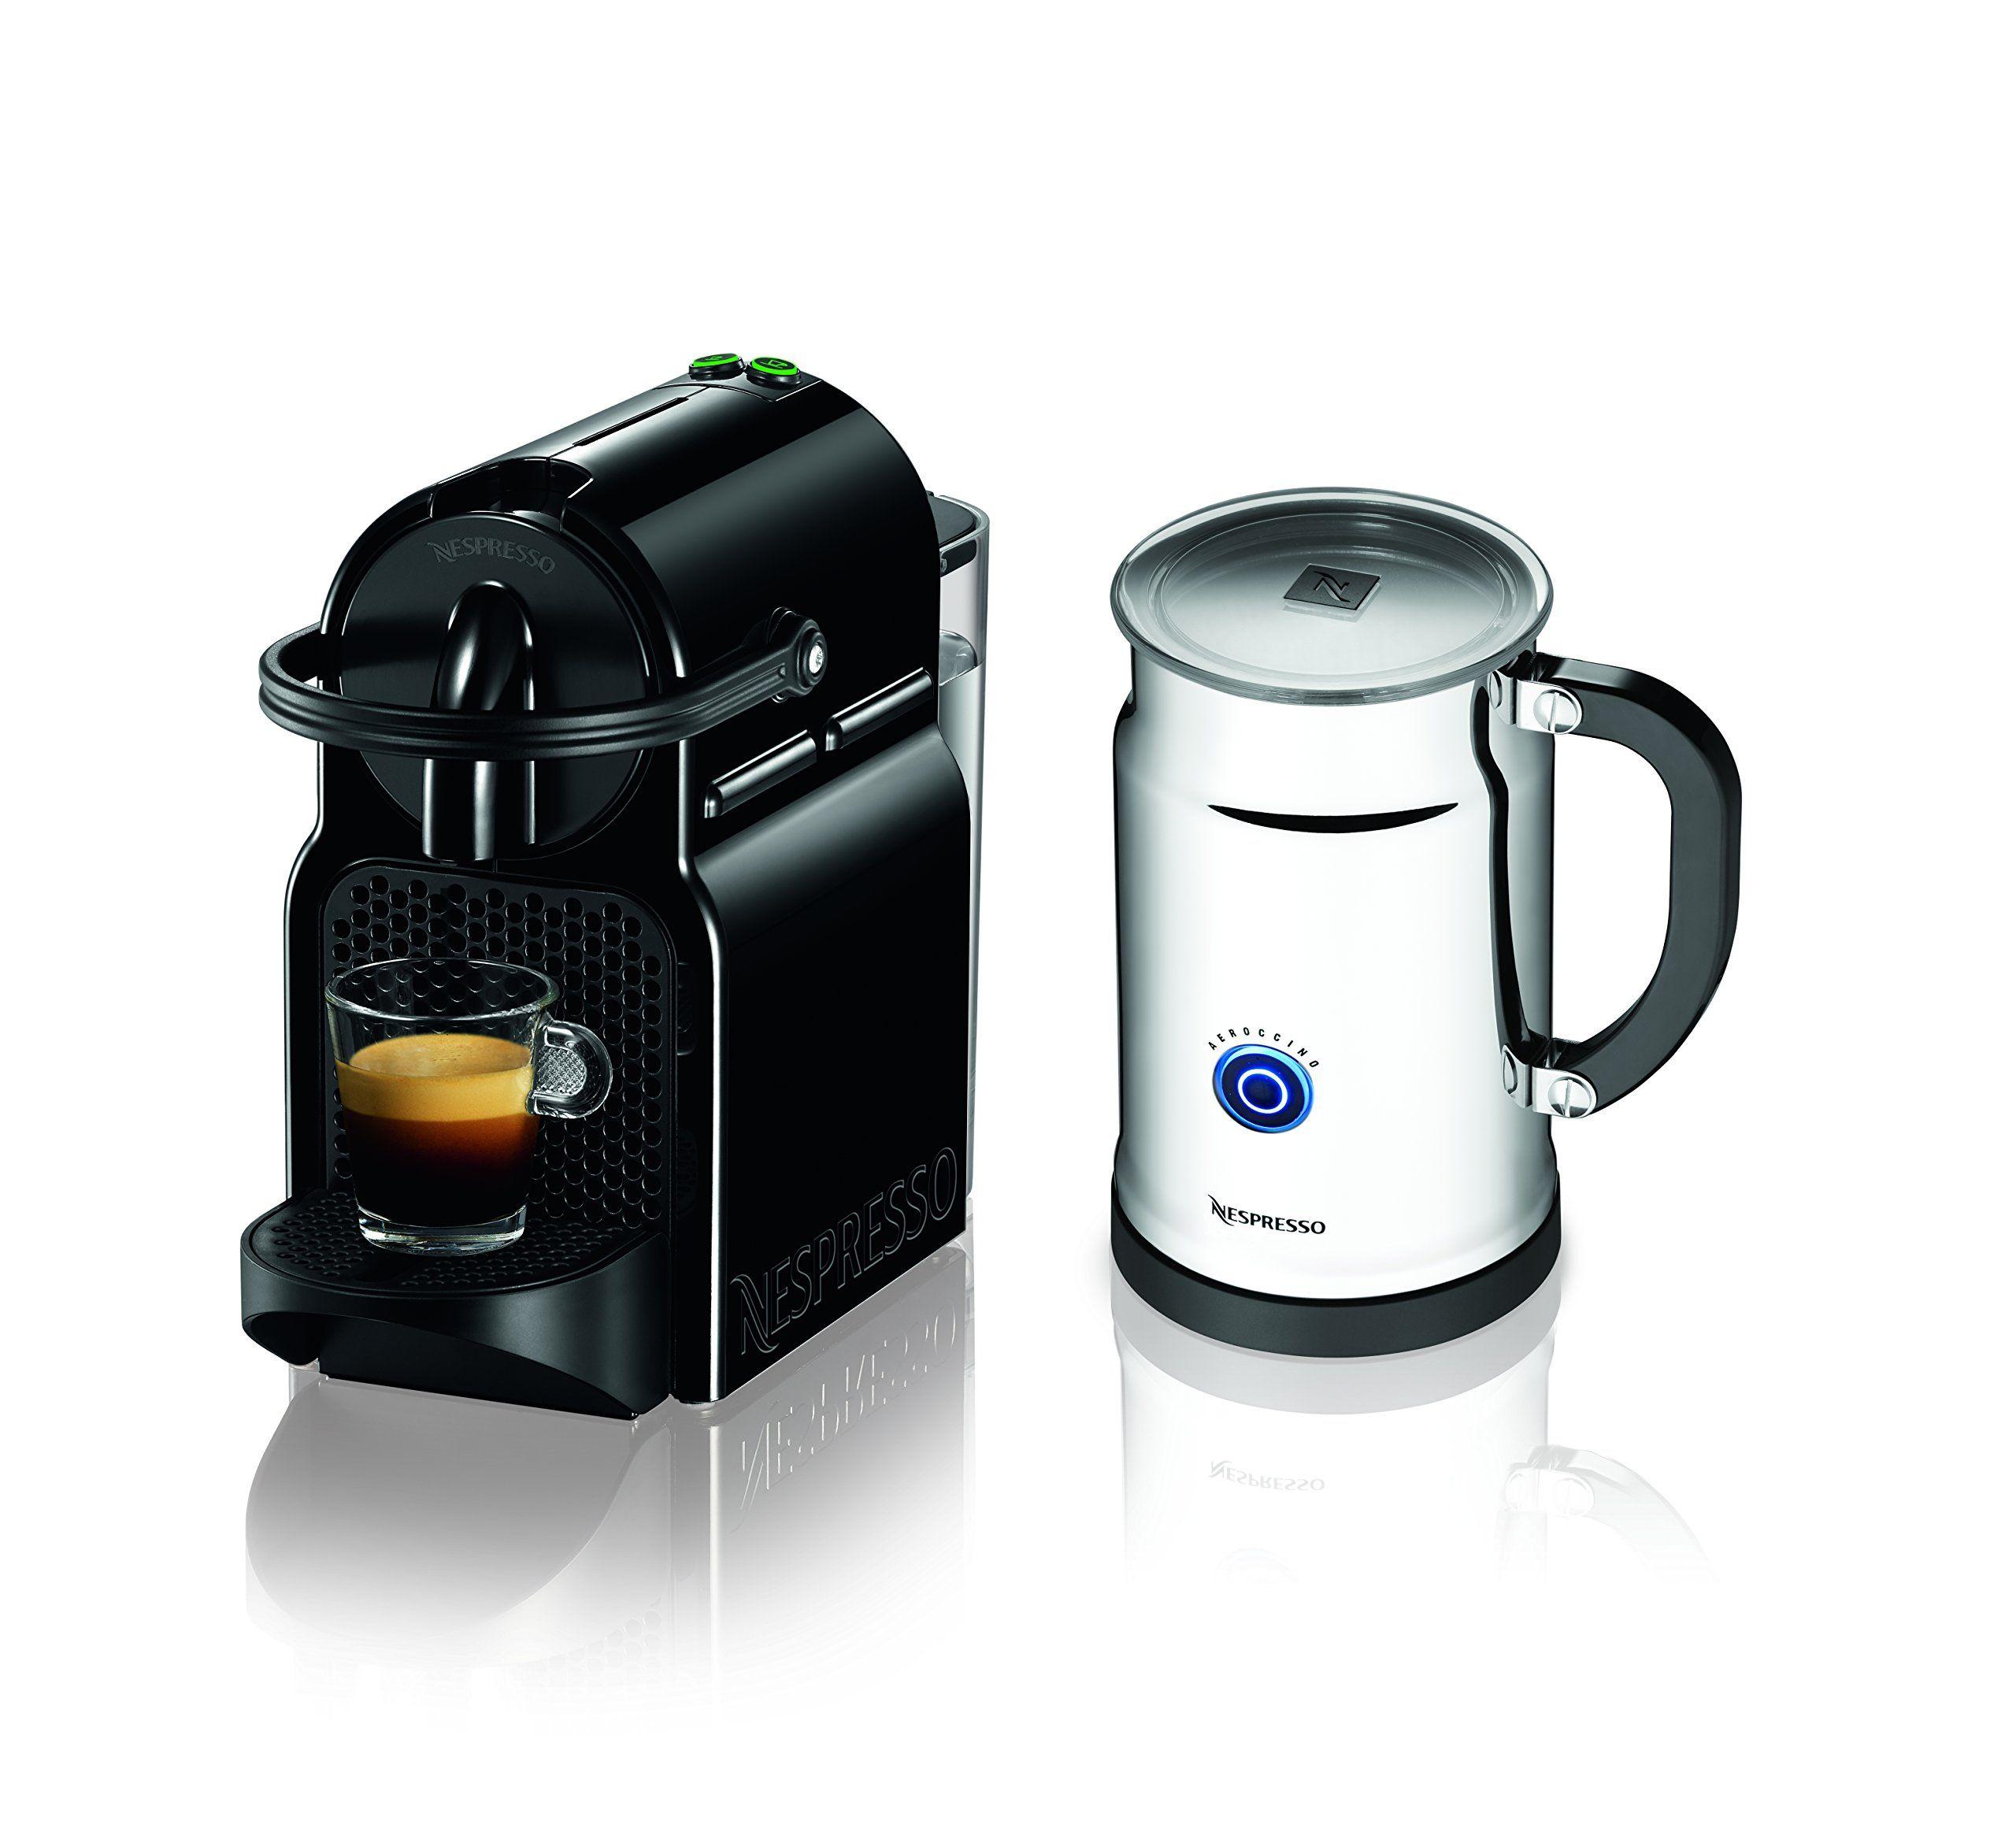 Nespresso Inissia Espresso Maker with Aeroccino Plus Milk